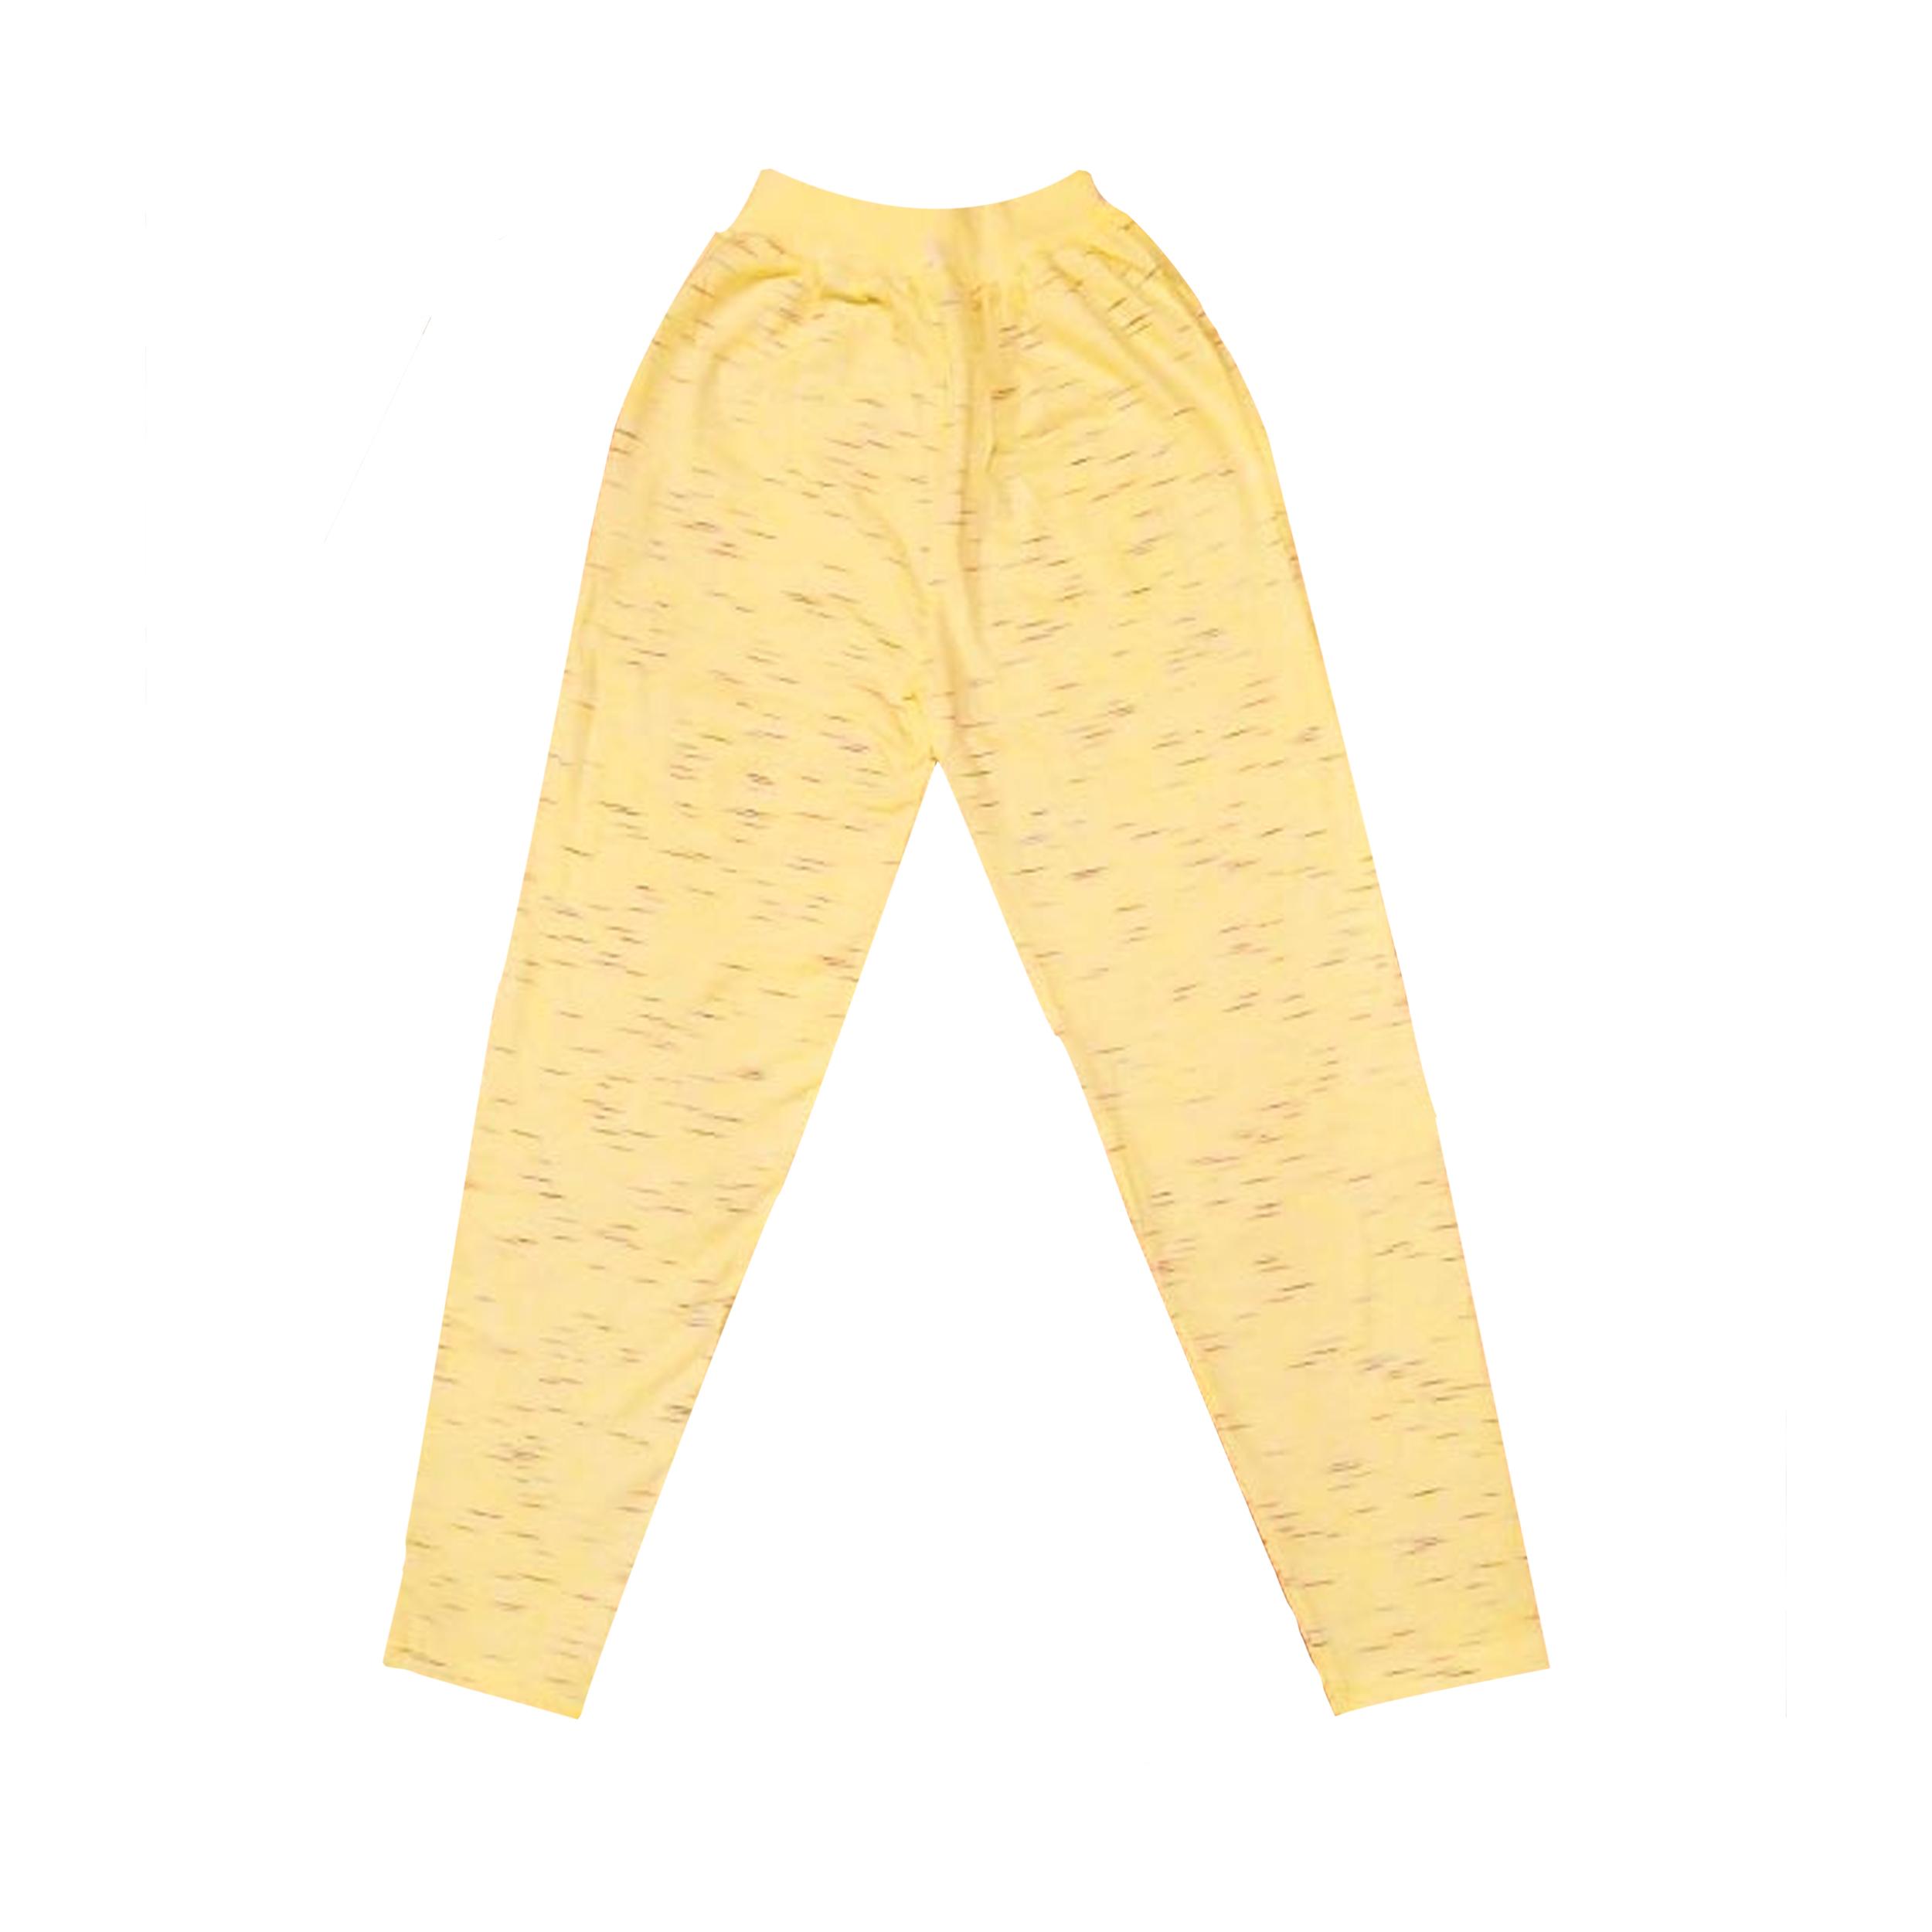 شلوار دخترانه مدل Truffle کد 99 رنگ زرد